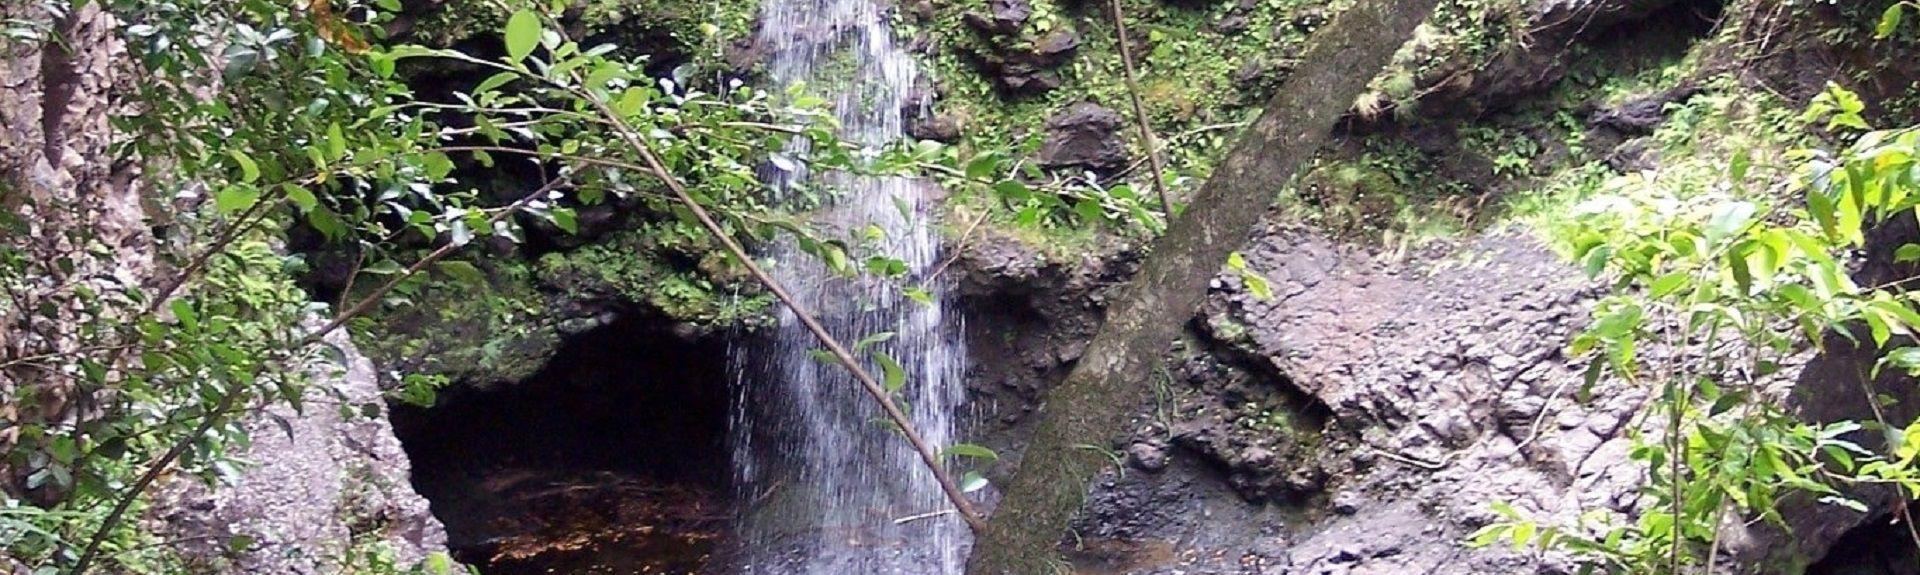 Maui Banyan, Kihei, HI, USA